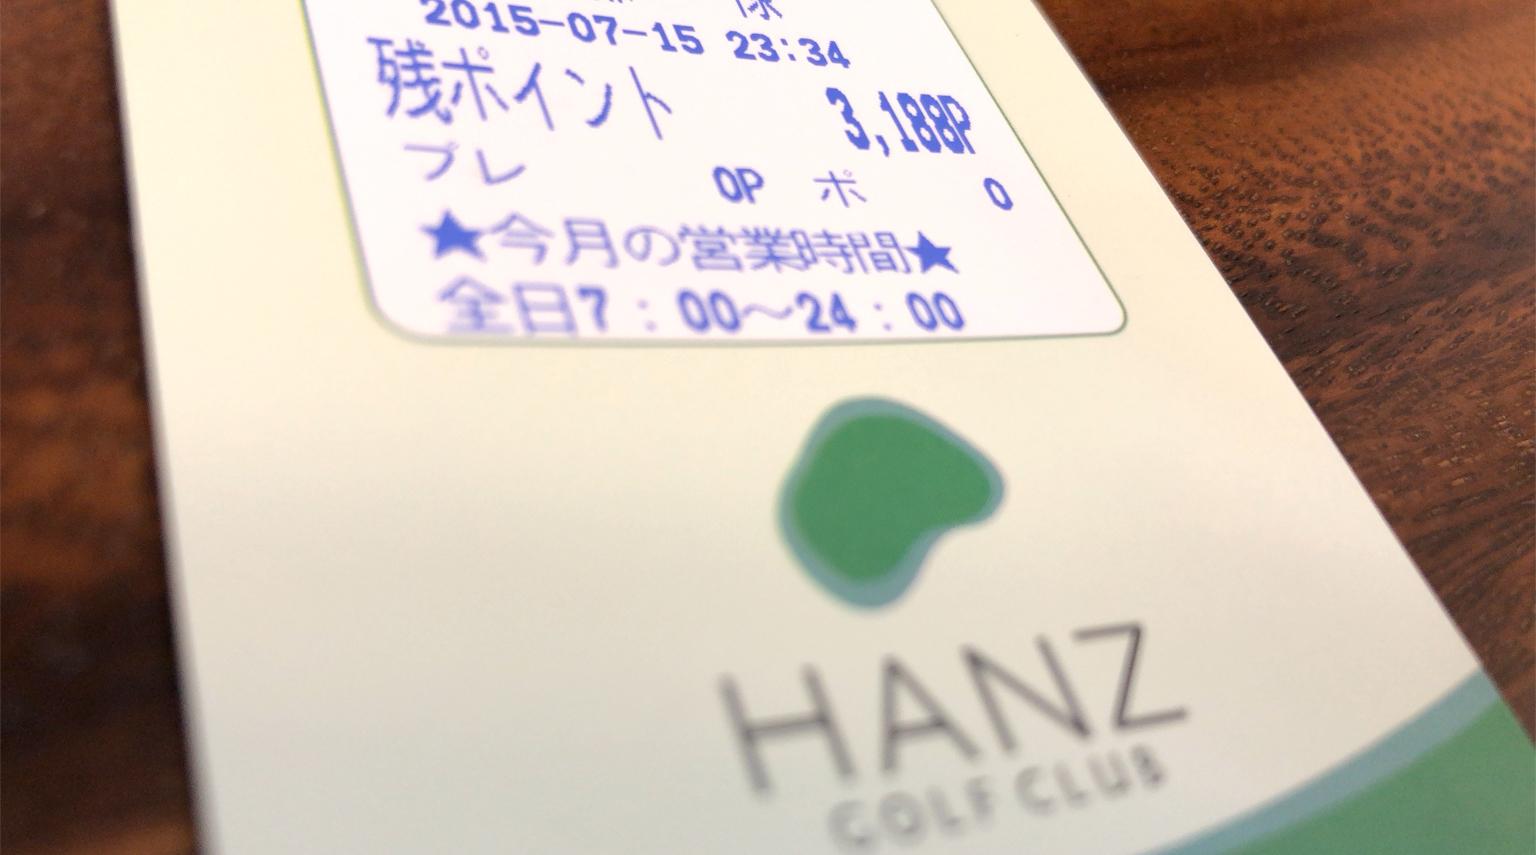 hanz01.jpg